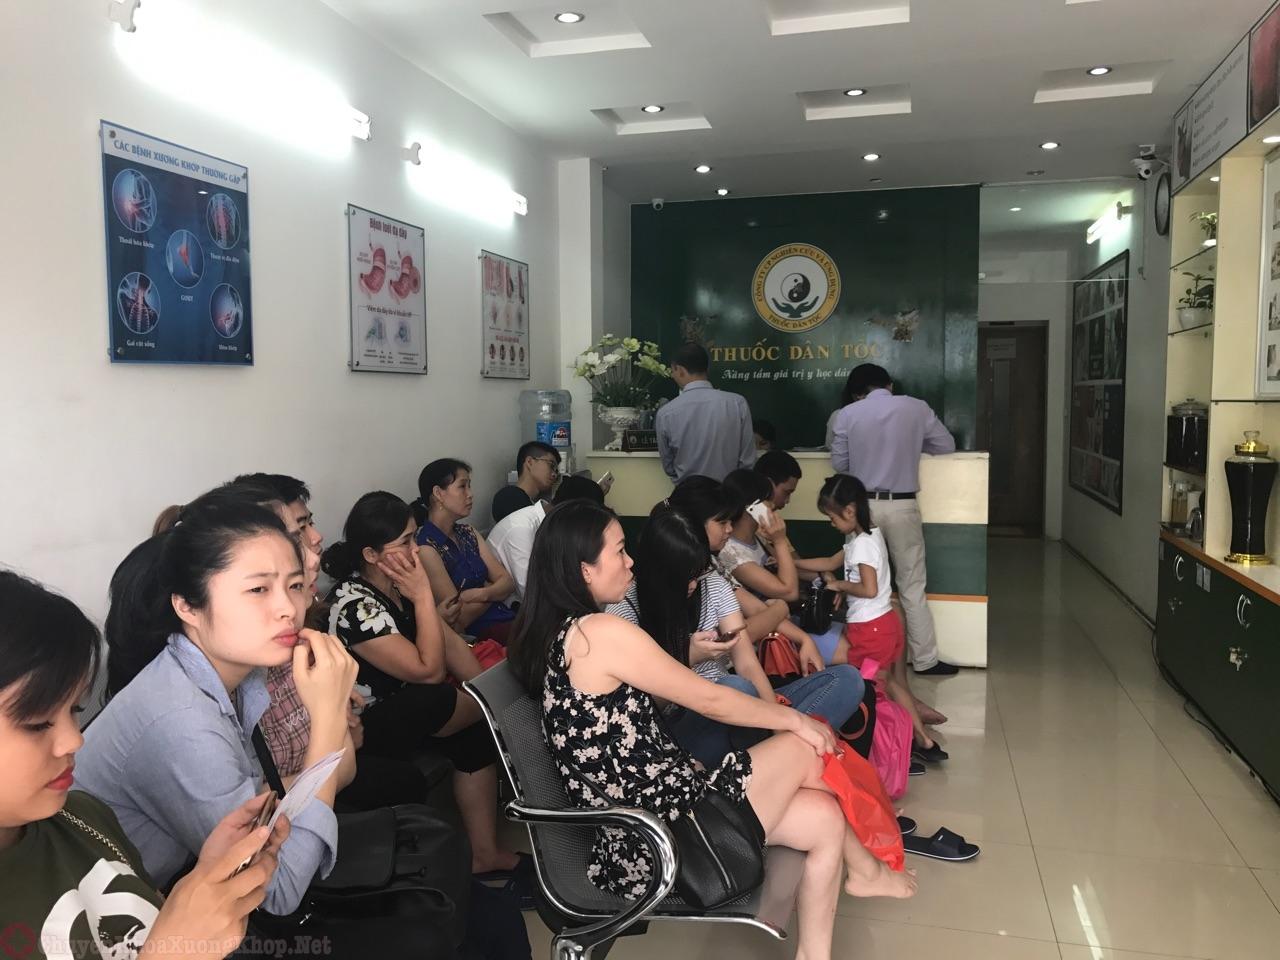 Chữa rối loạn cương dương bằng Đông y tại Trung tâm nghiên cứu và ứng dụng thuốc dân tộc